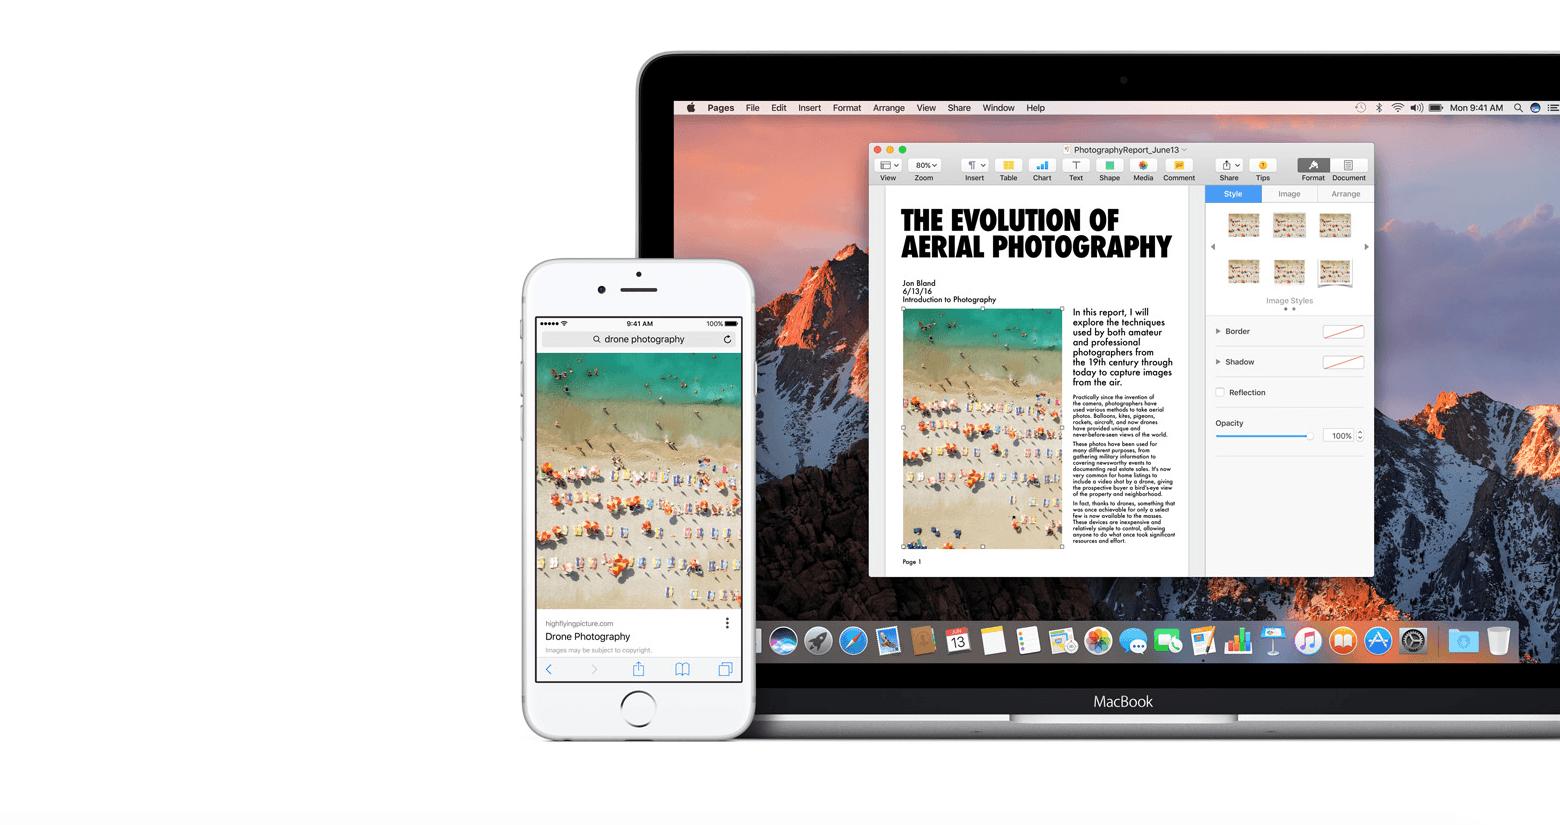 Обмен контентом между iOS и macOS